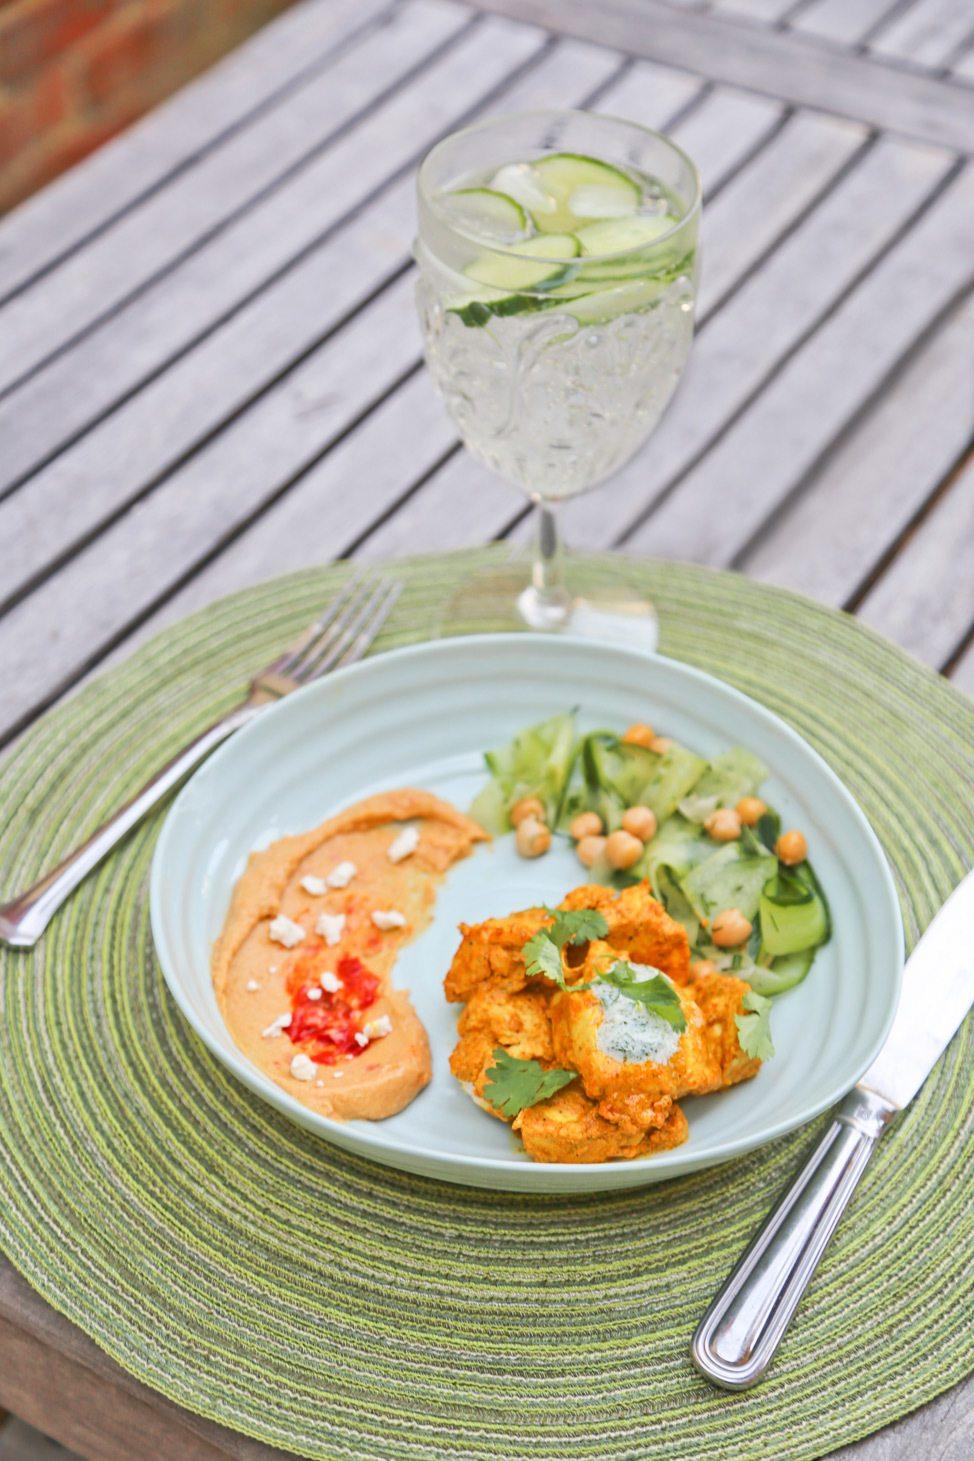 Salad in Martha's Vineyard